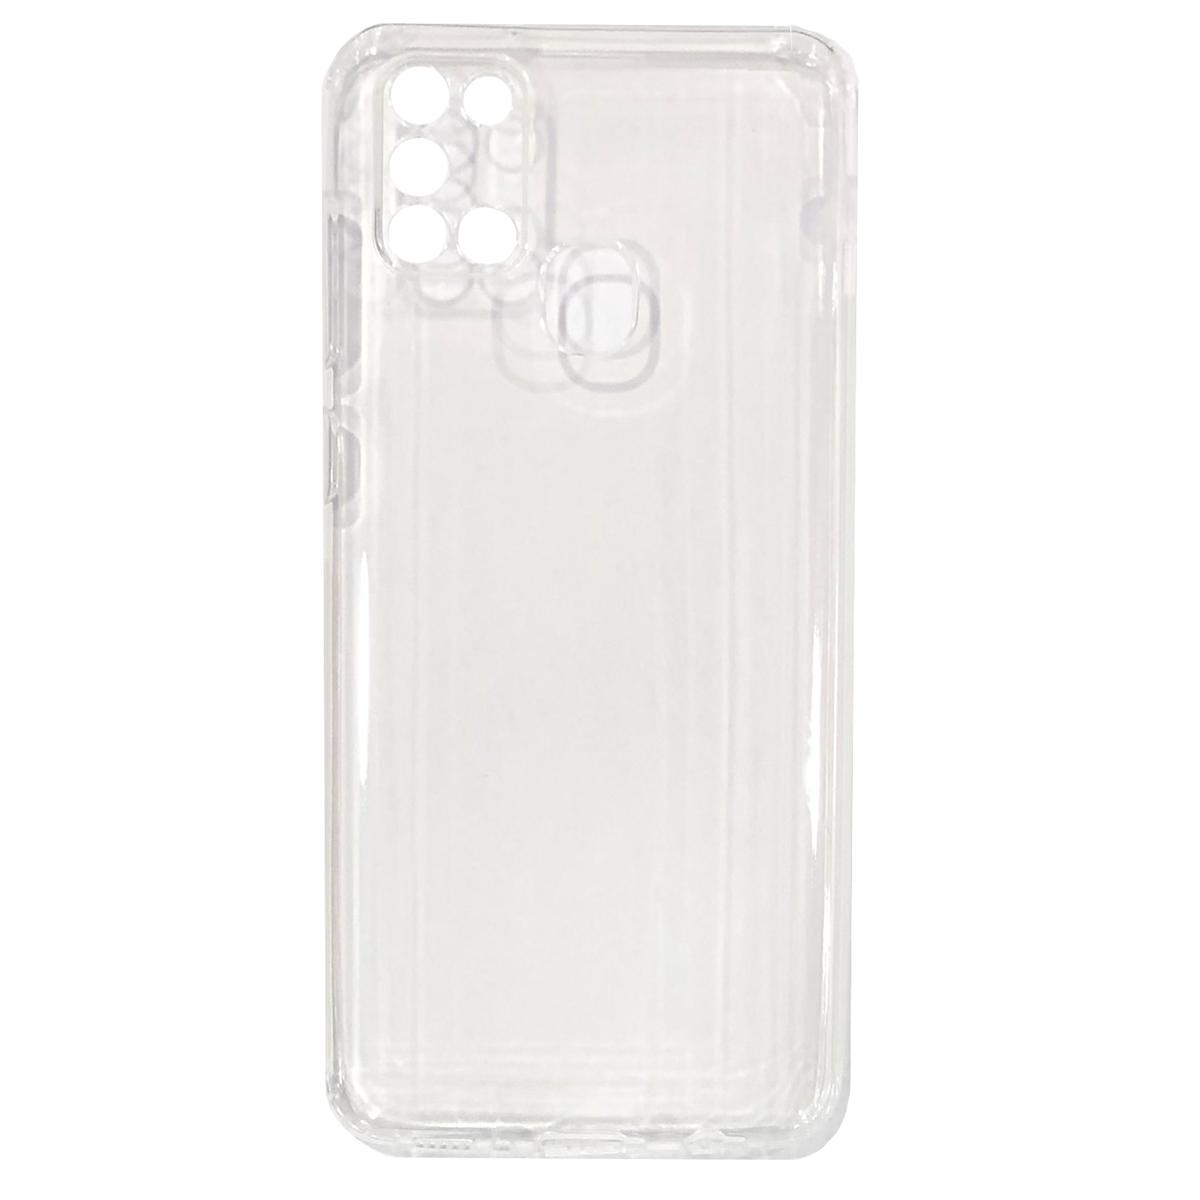 کاور مدل ICS-001 مناسب برای گوشی موبایل سامسونگ Galaxy A21s              ( قیمت و خرید)